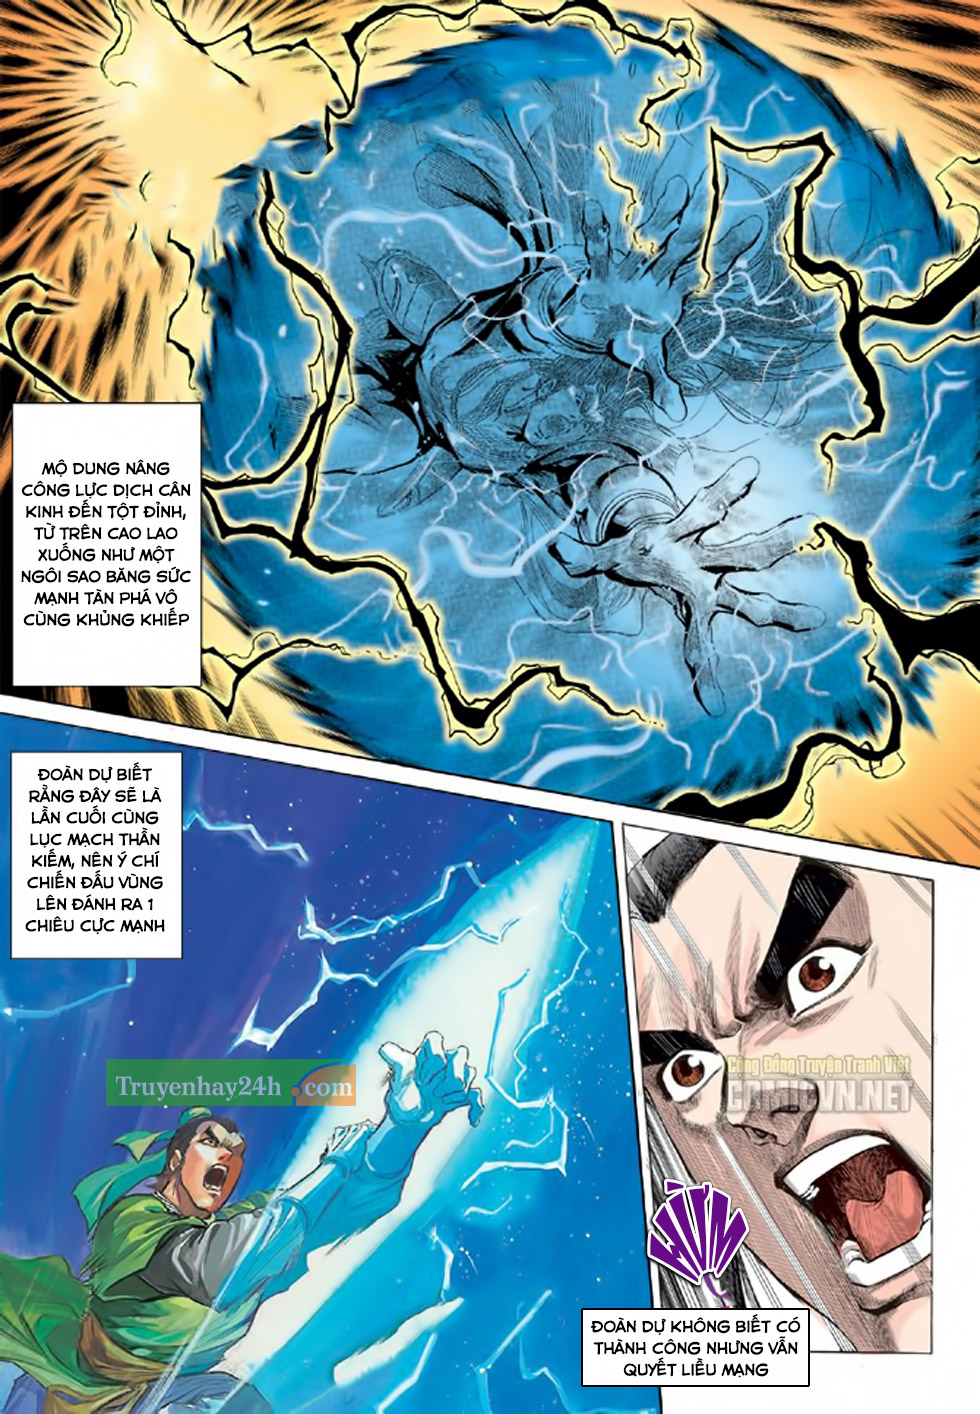 Thiên Long Bát Bộ chap 100 – End Trang 5 - Mangak.info